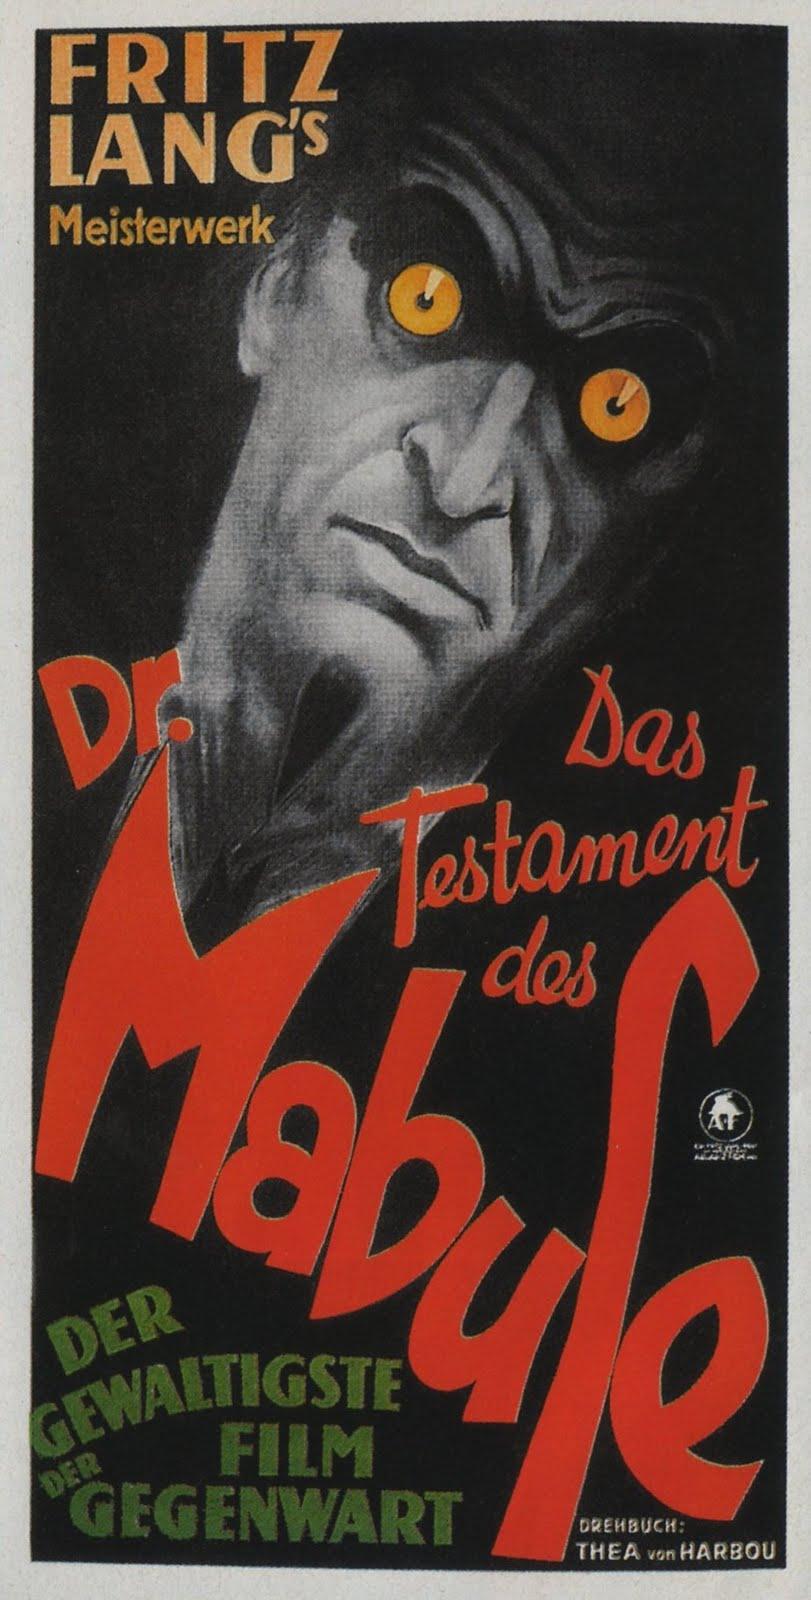 http://2.bp.blogspot.com/_aoZjamlF5VE/THpkeh0H4gI/AAAAAAAAAcs/jZSMqvM3DSI/s1600/Testament-des-Dr-Mabuse-Das_cc41517c.jpg